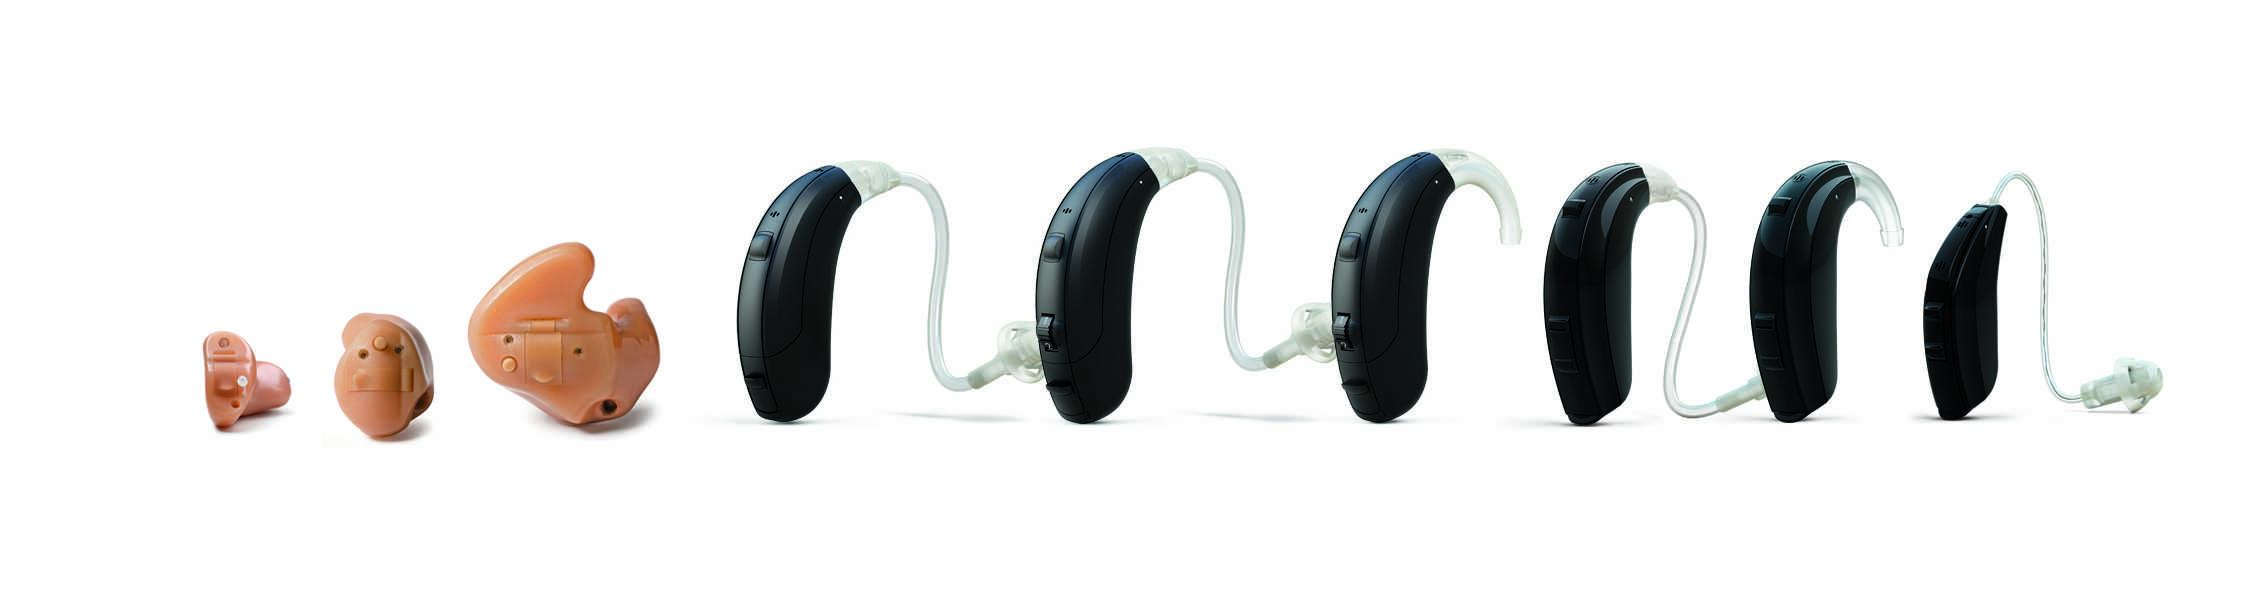 Слуховой аппарат – какой лучше выбрать и как подобрать, обзор, рейтинг, сравнение, отзывы